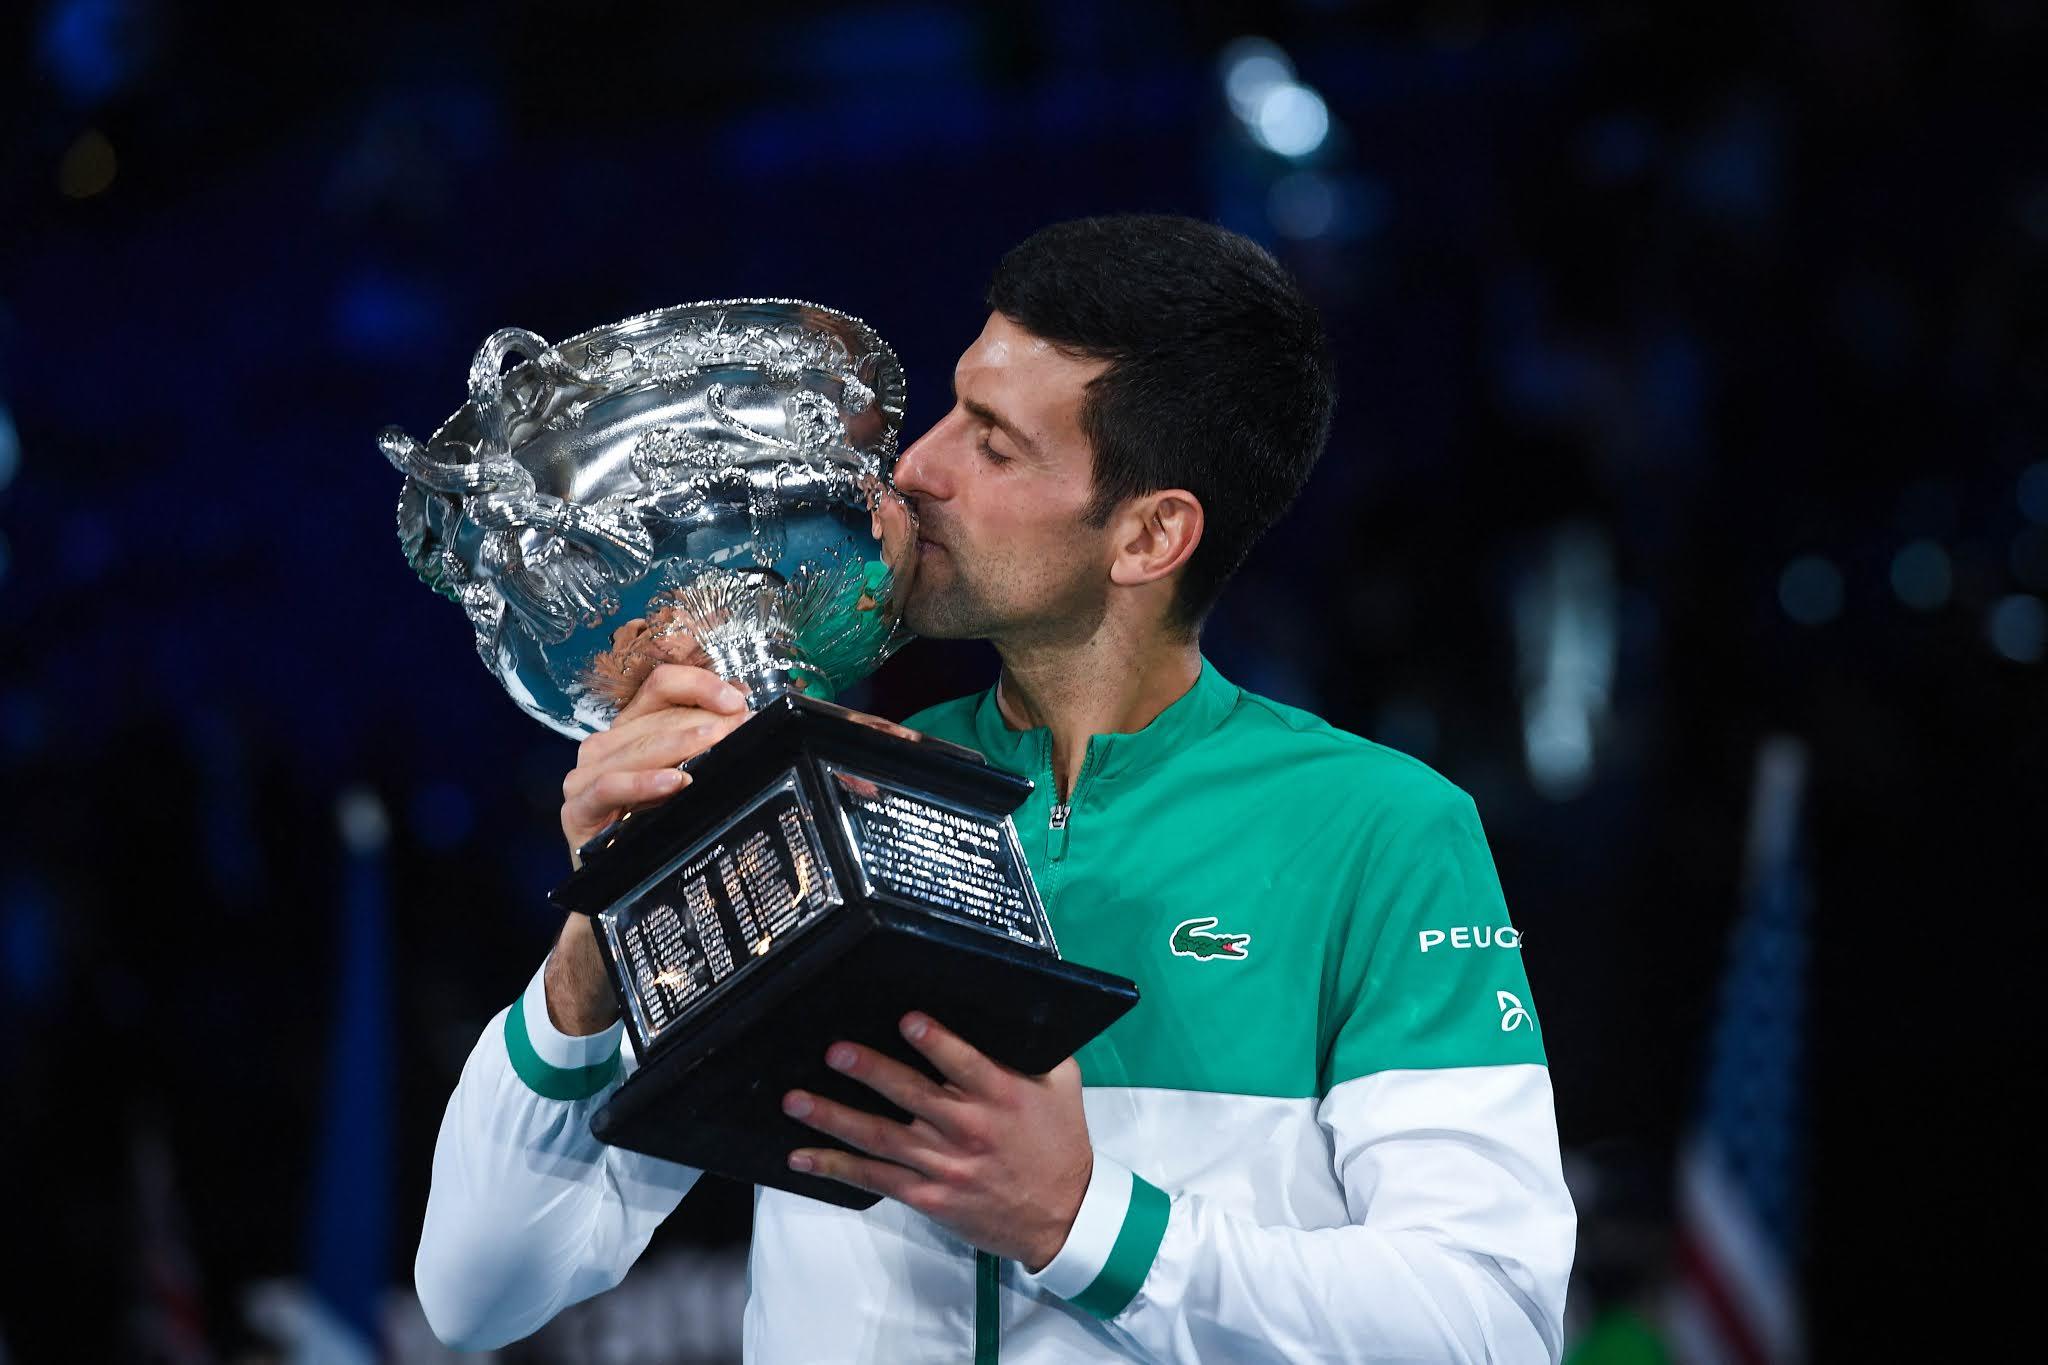 Djokovic apabulla a Medvedev y se consagra campeón del Abierto de Australia por novena vez